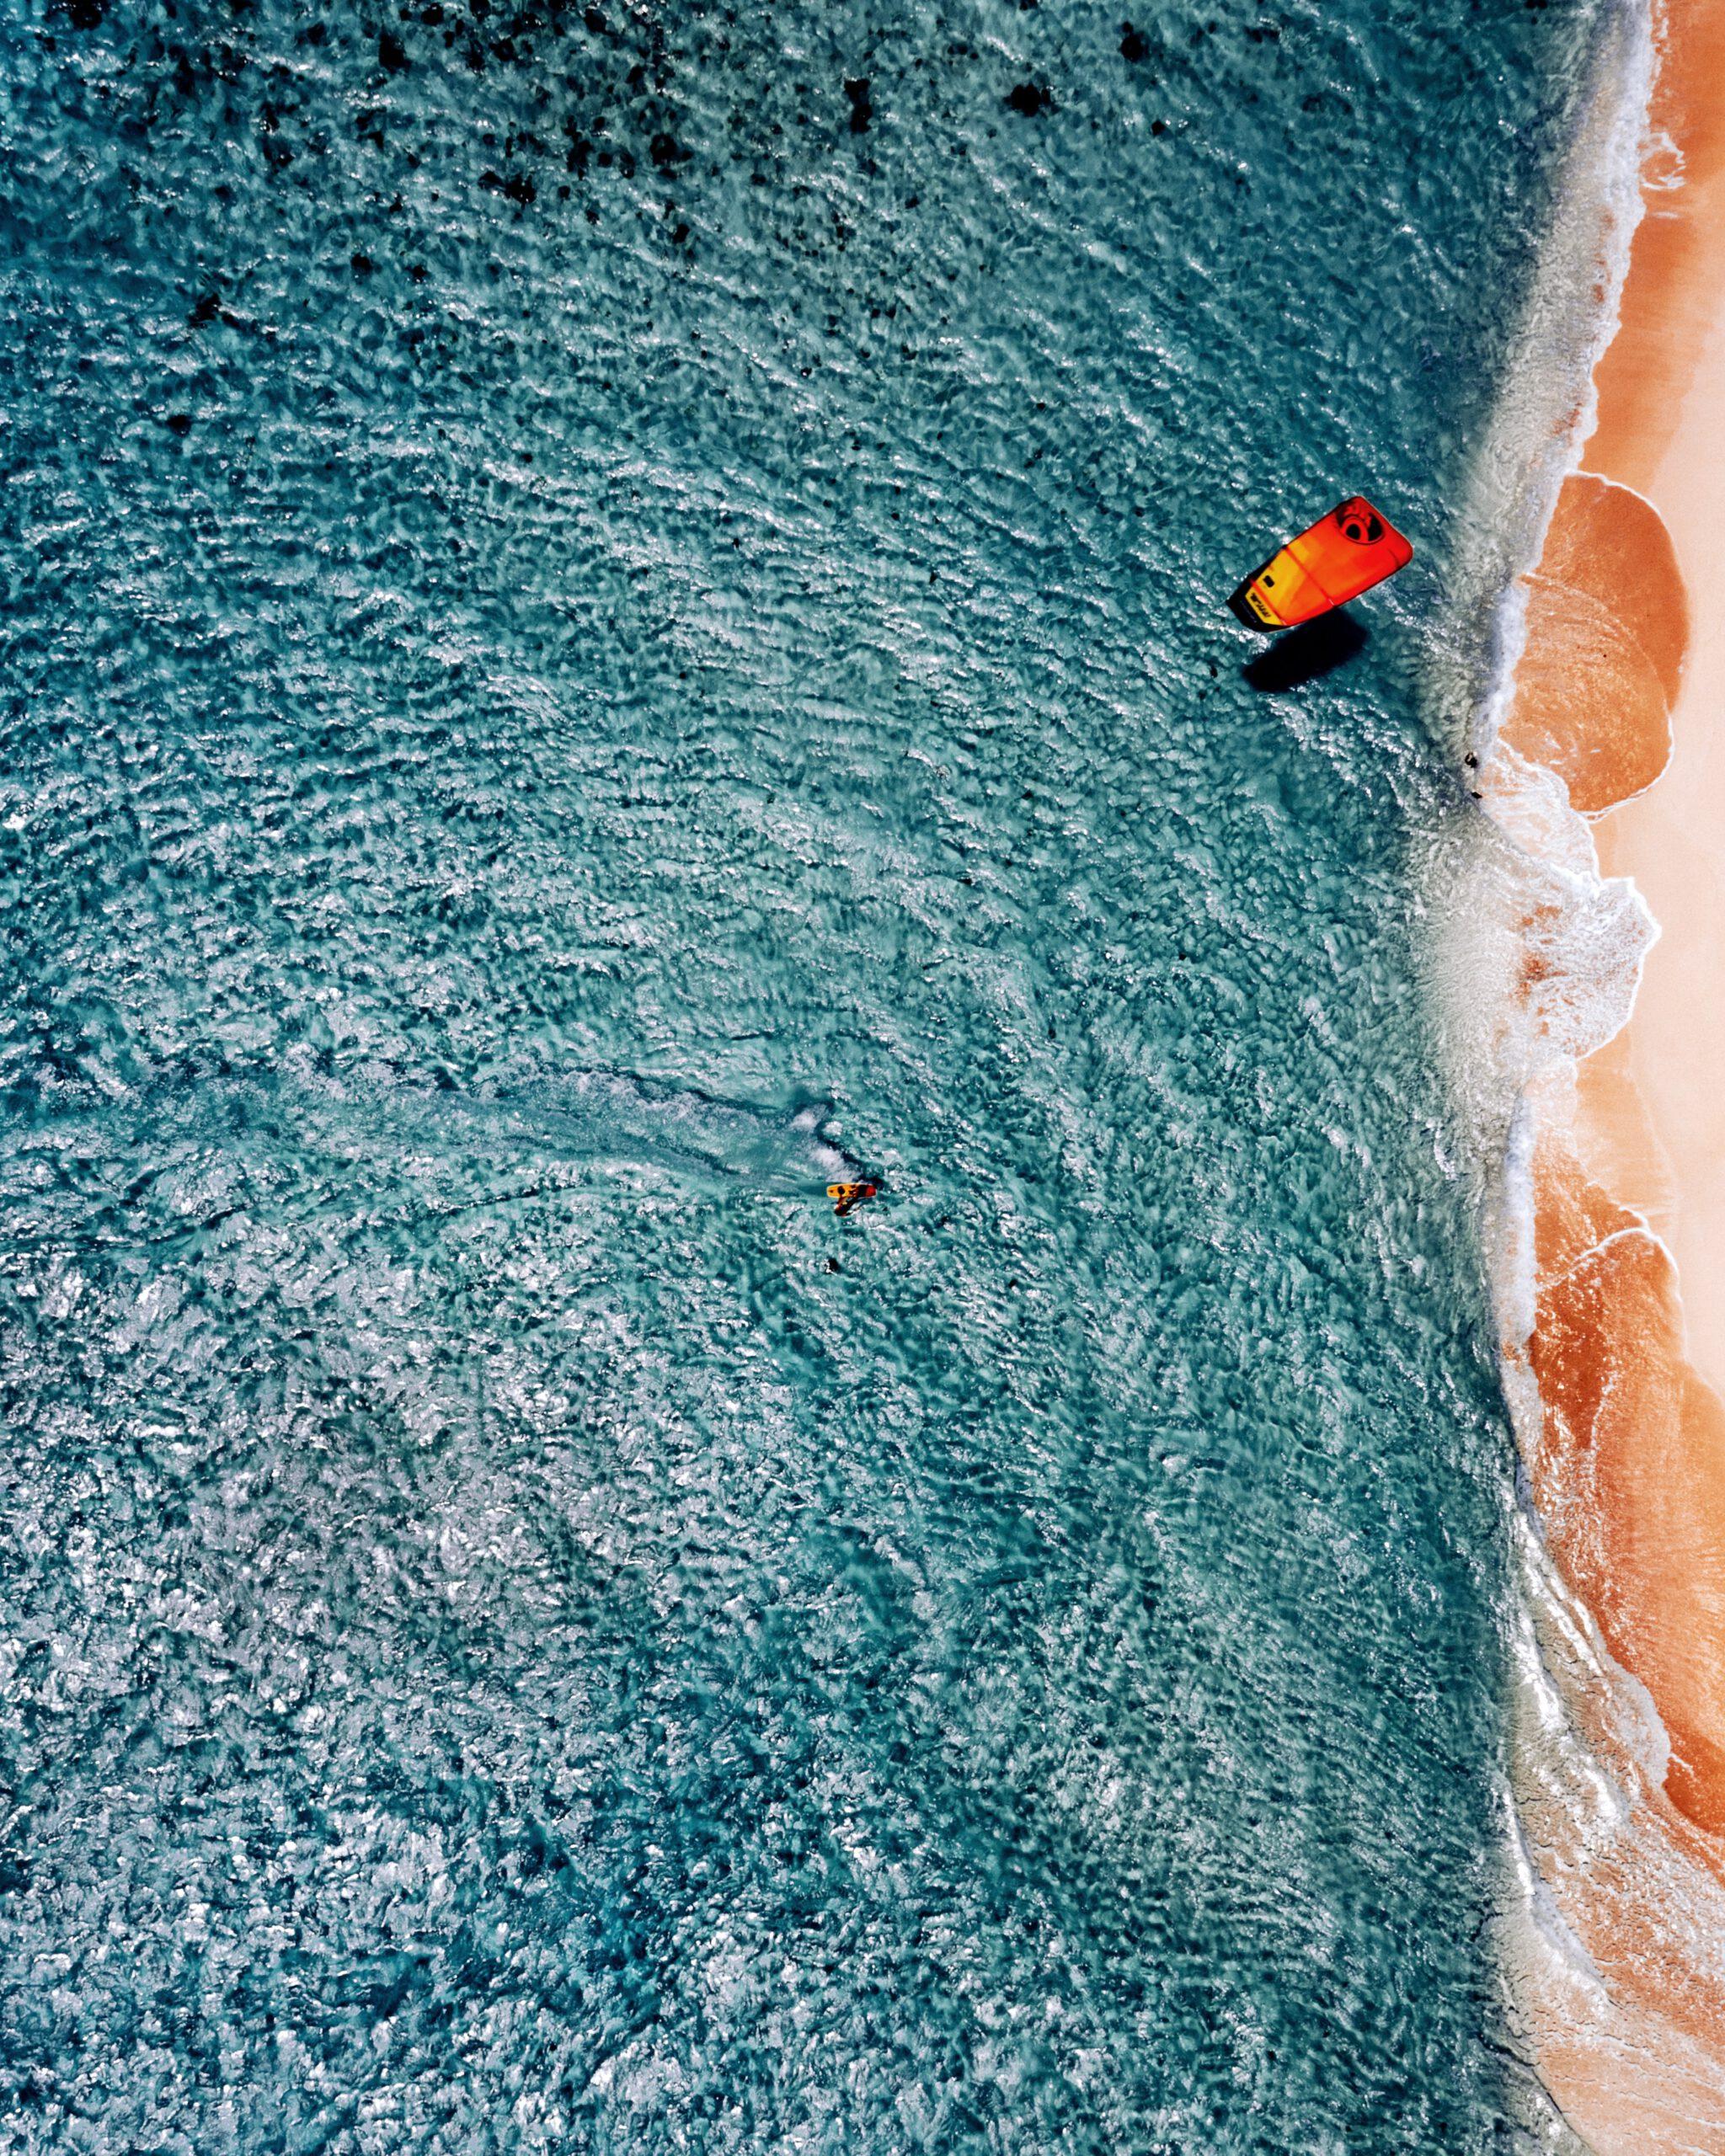 Britse Maagdeneilanden-virgin gorda-Strand-kitesurfer